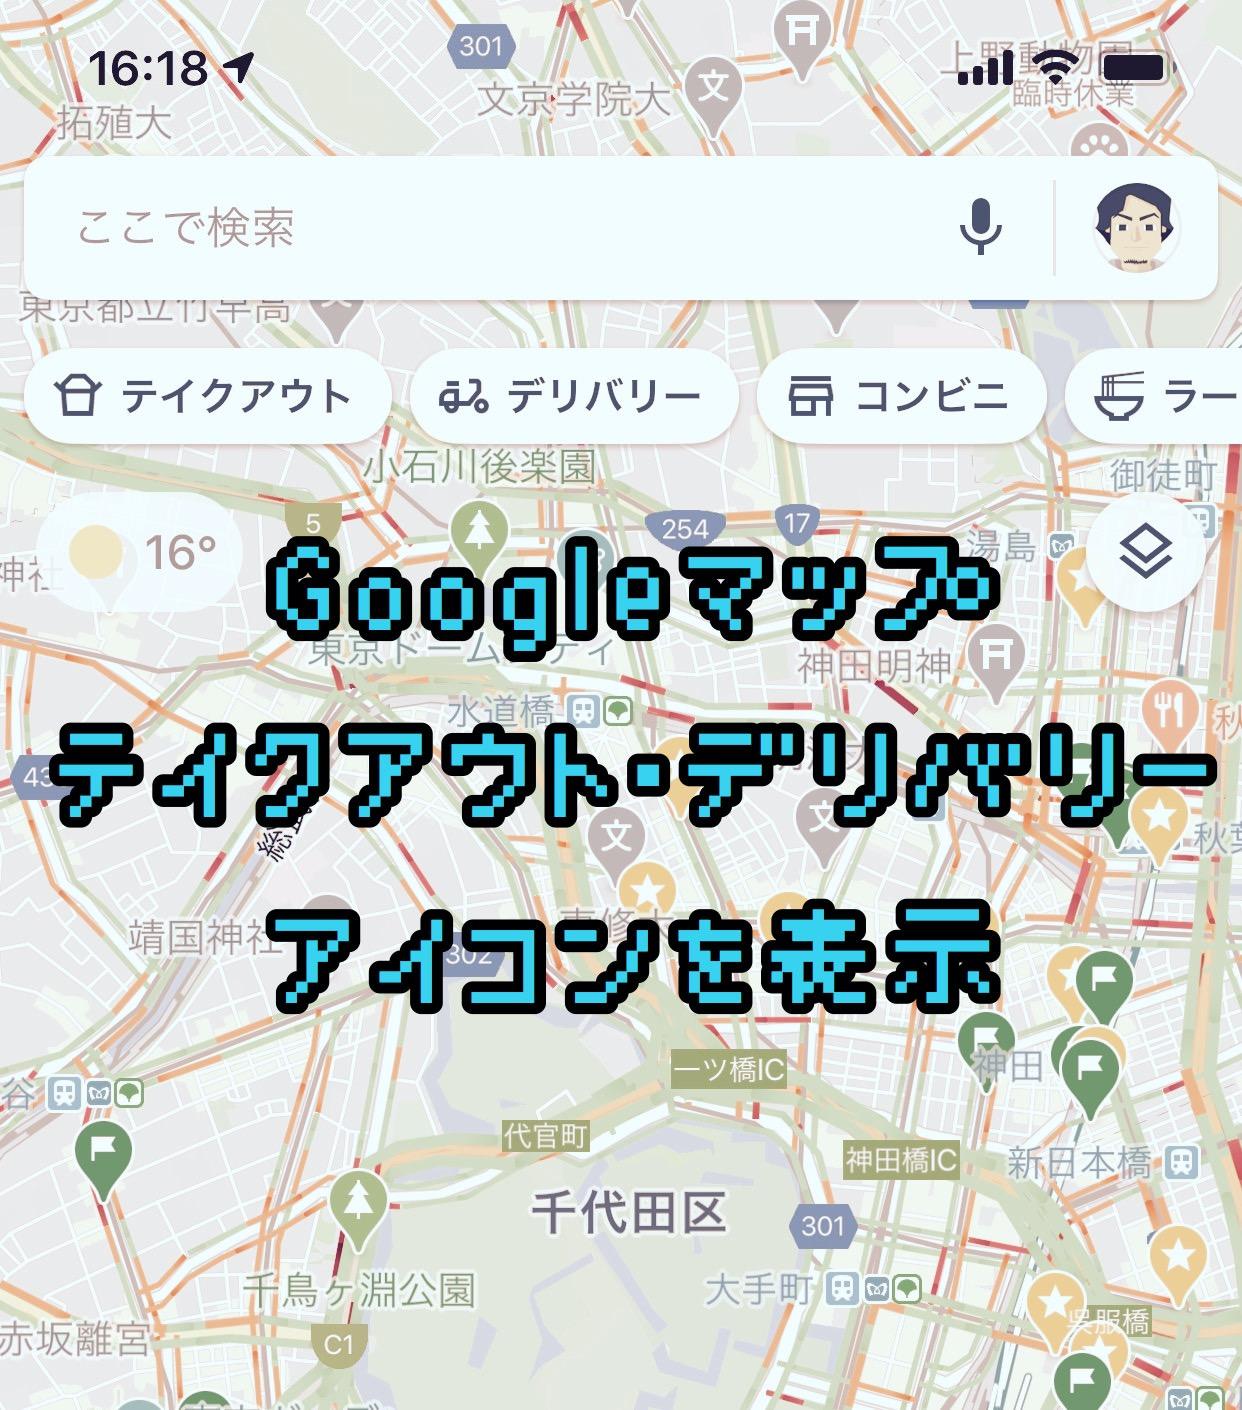 Googleマップの画面に「テイクアウト」「デリバリー」アイコンが表示 → 飲食店はGoogleマイビジネスのチェックを